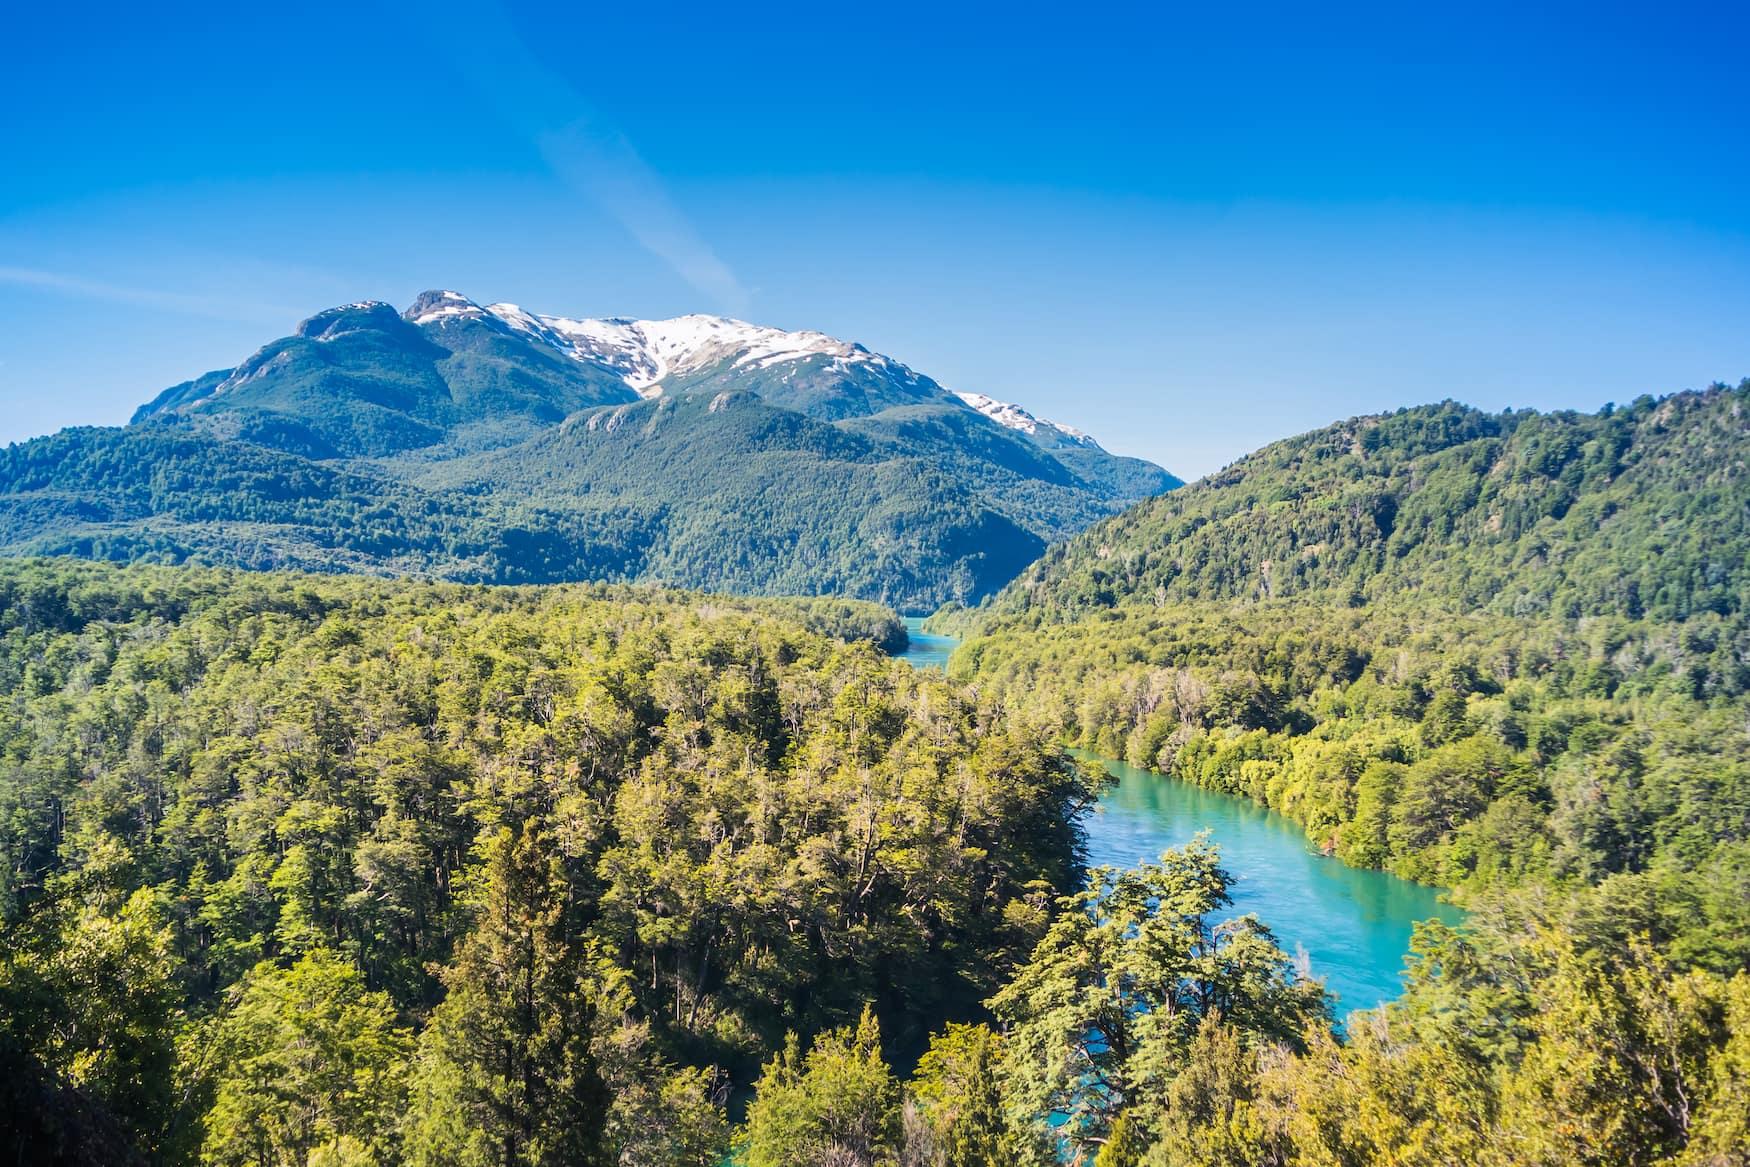 Blick auf Bergsee in Nationalpark Los Alerces in Patagonien, Argentinien